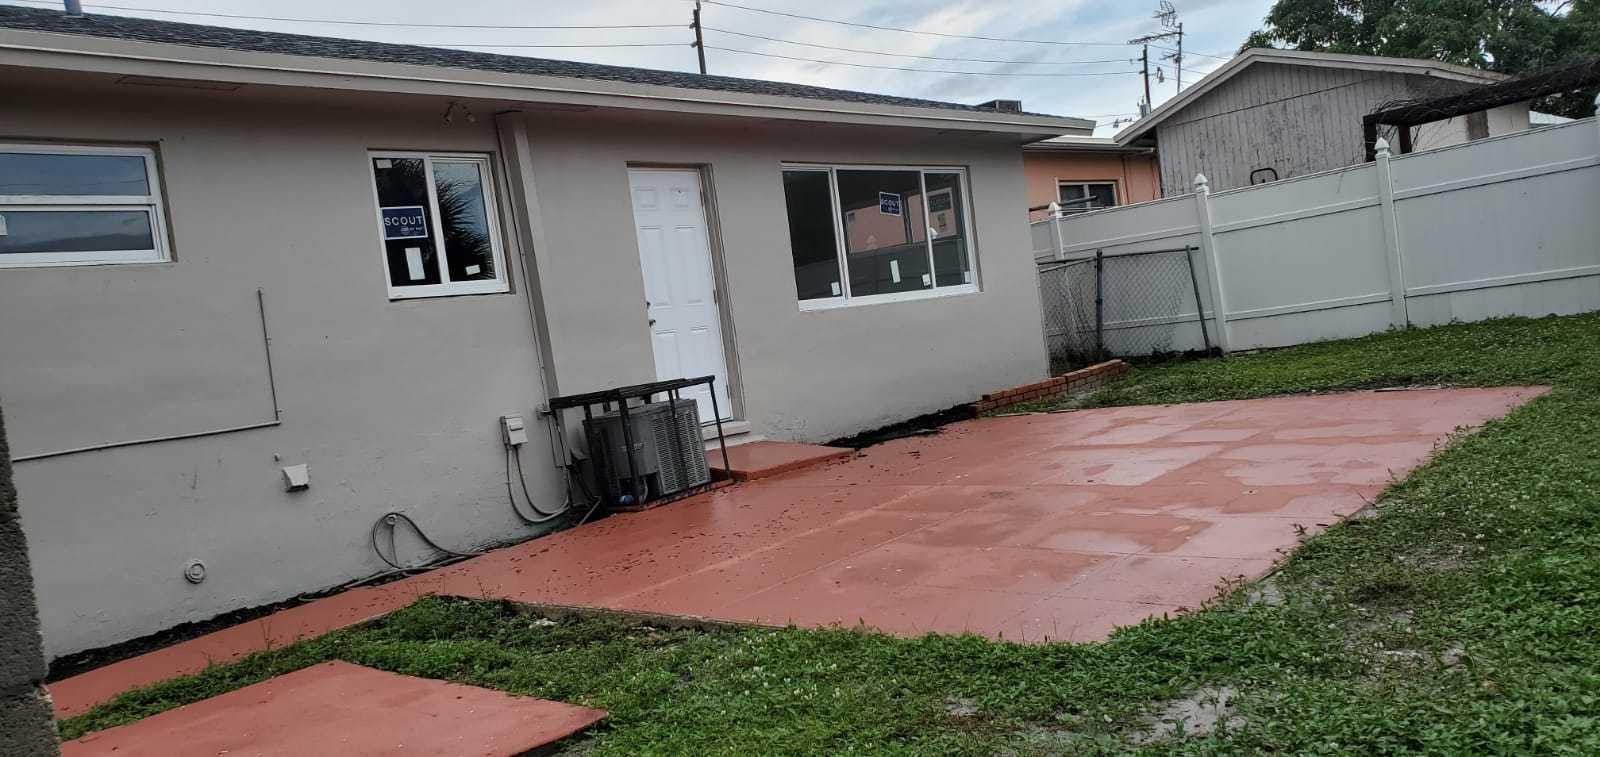 Photo of 1132 W 34th Street, Riviera Beach, FL 33404 (MLS # RX-10664113)